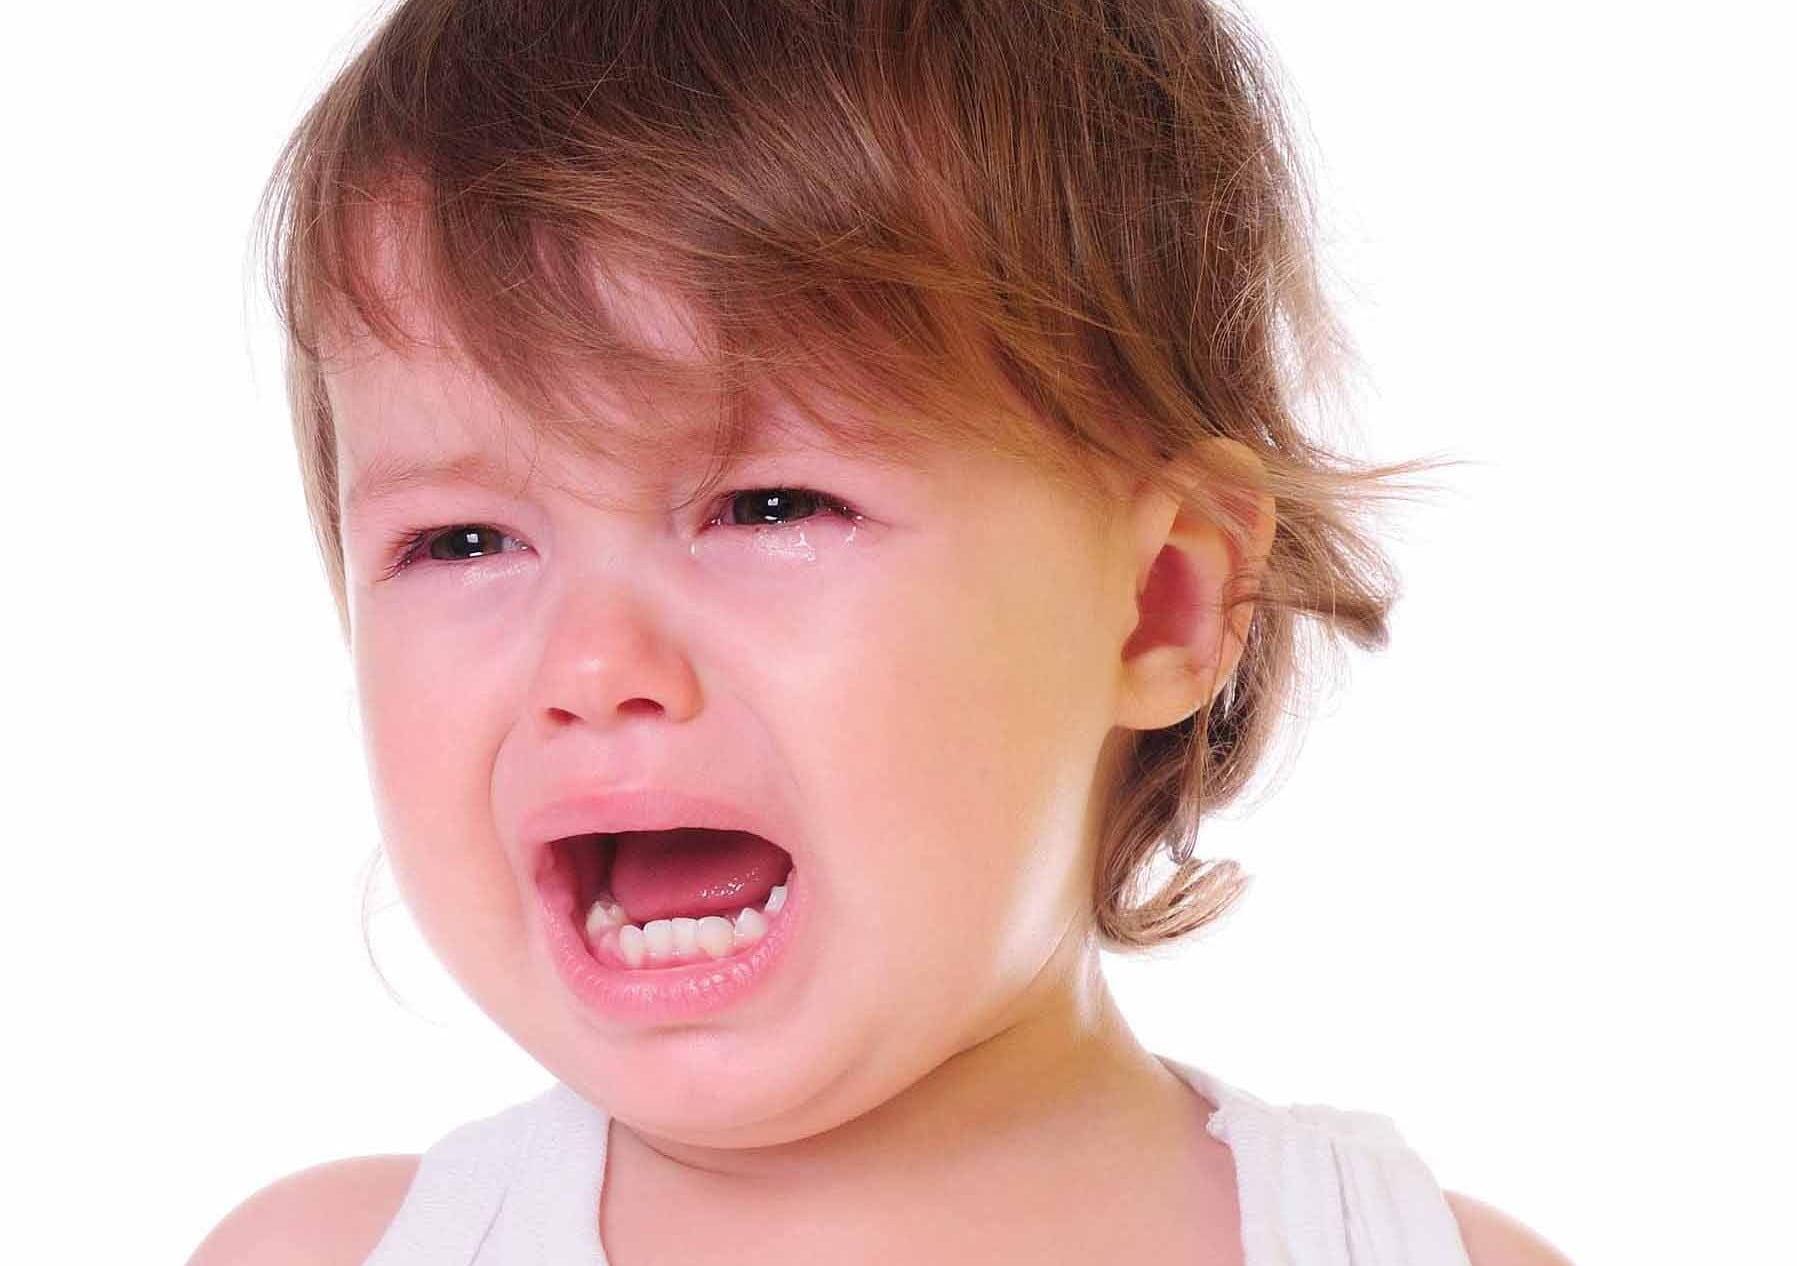 Cách chữa nhiệt miệng ở trẻ em bằng phương pháp dân gian